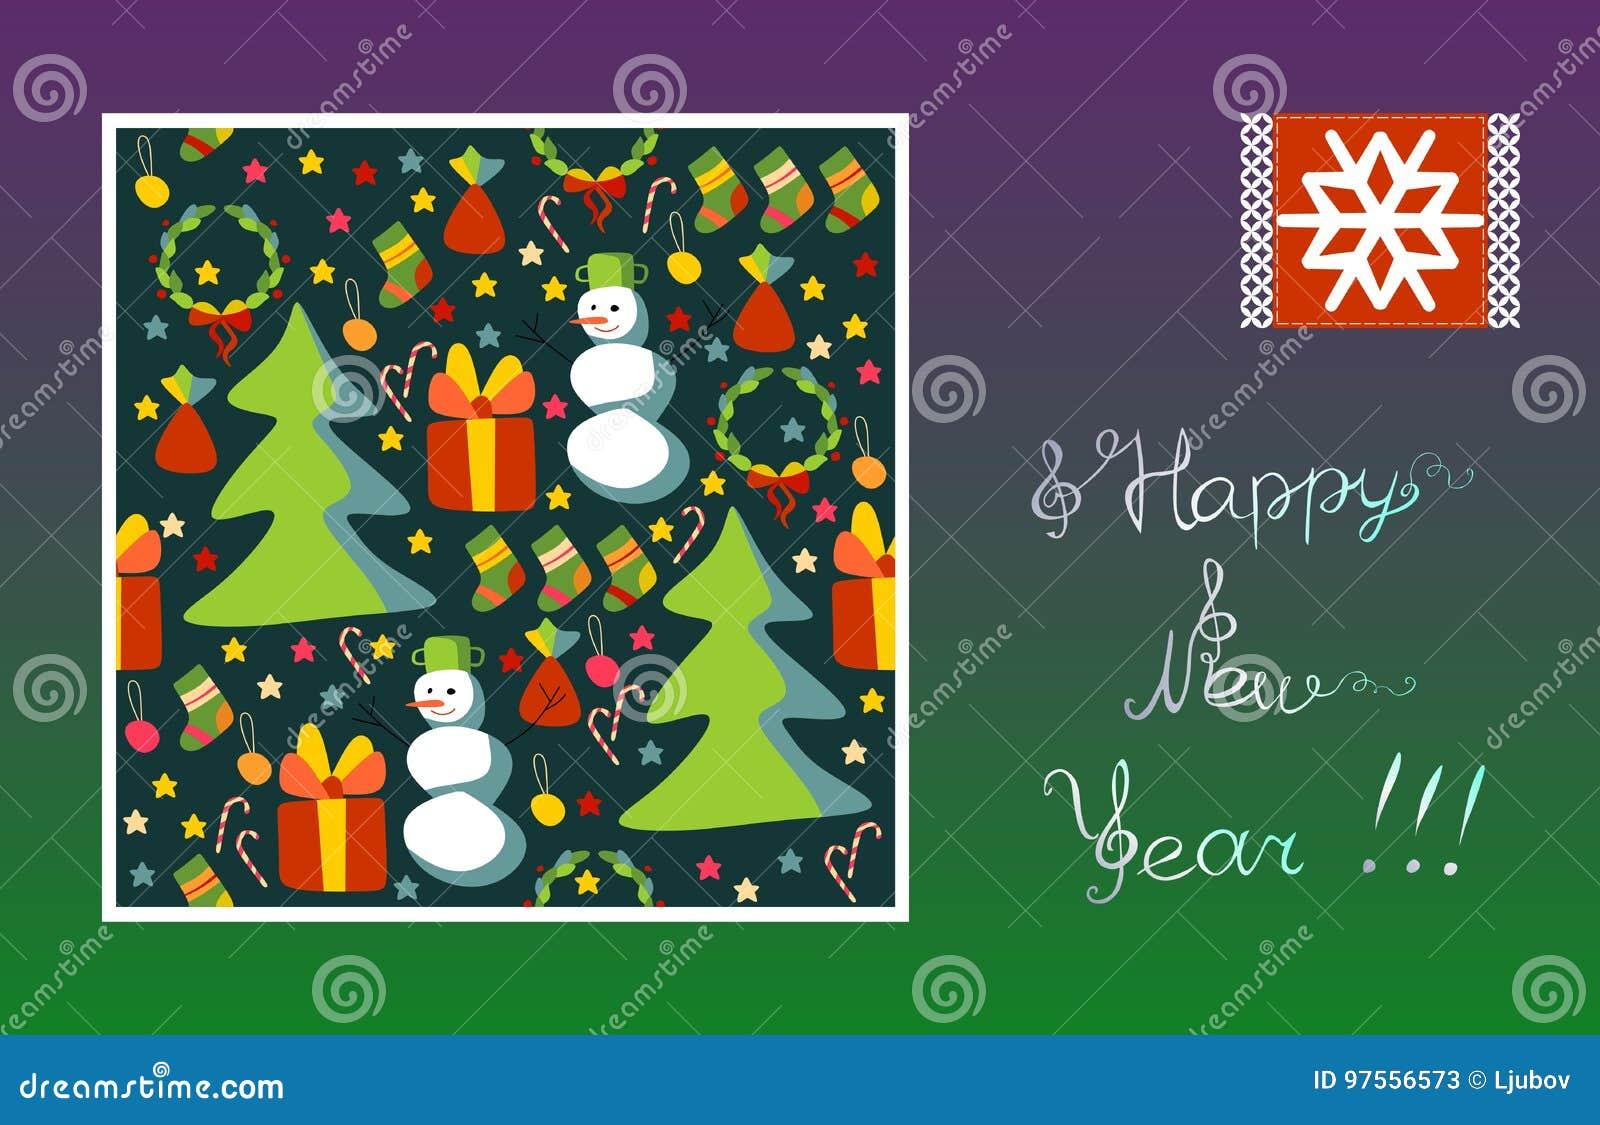 Bonne année de carte de voeux ! Le flocon de neige, bonhomme de neige, arbre de Noël, cadeau, se tient le premier rôle